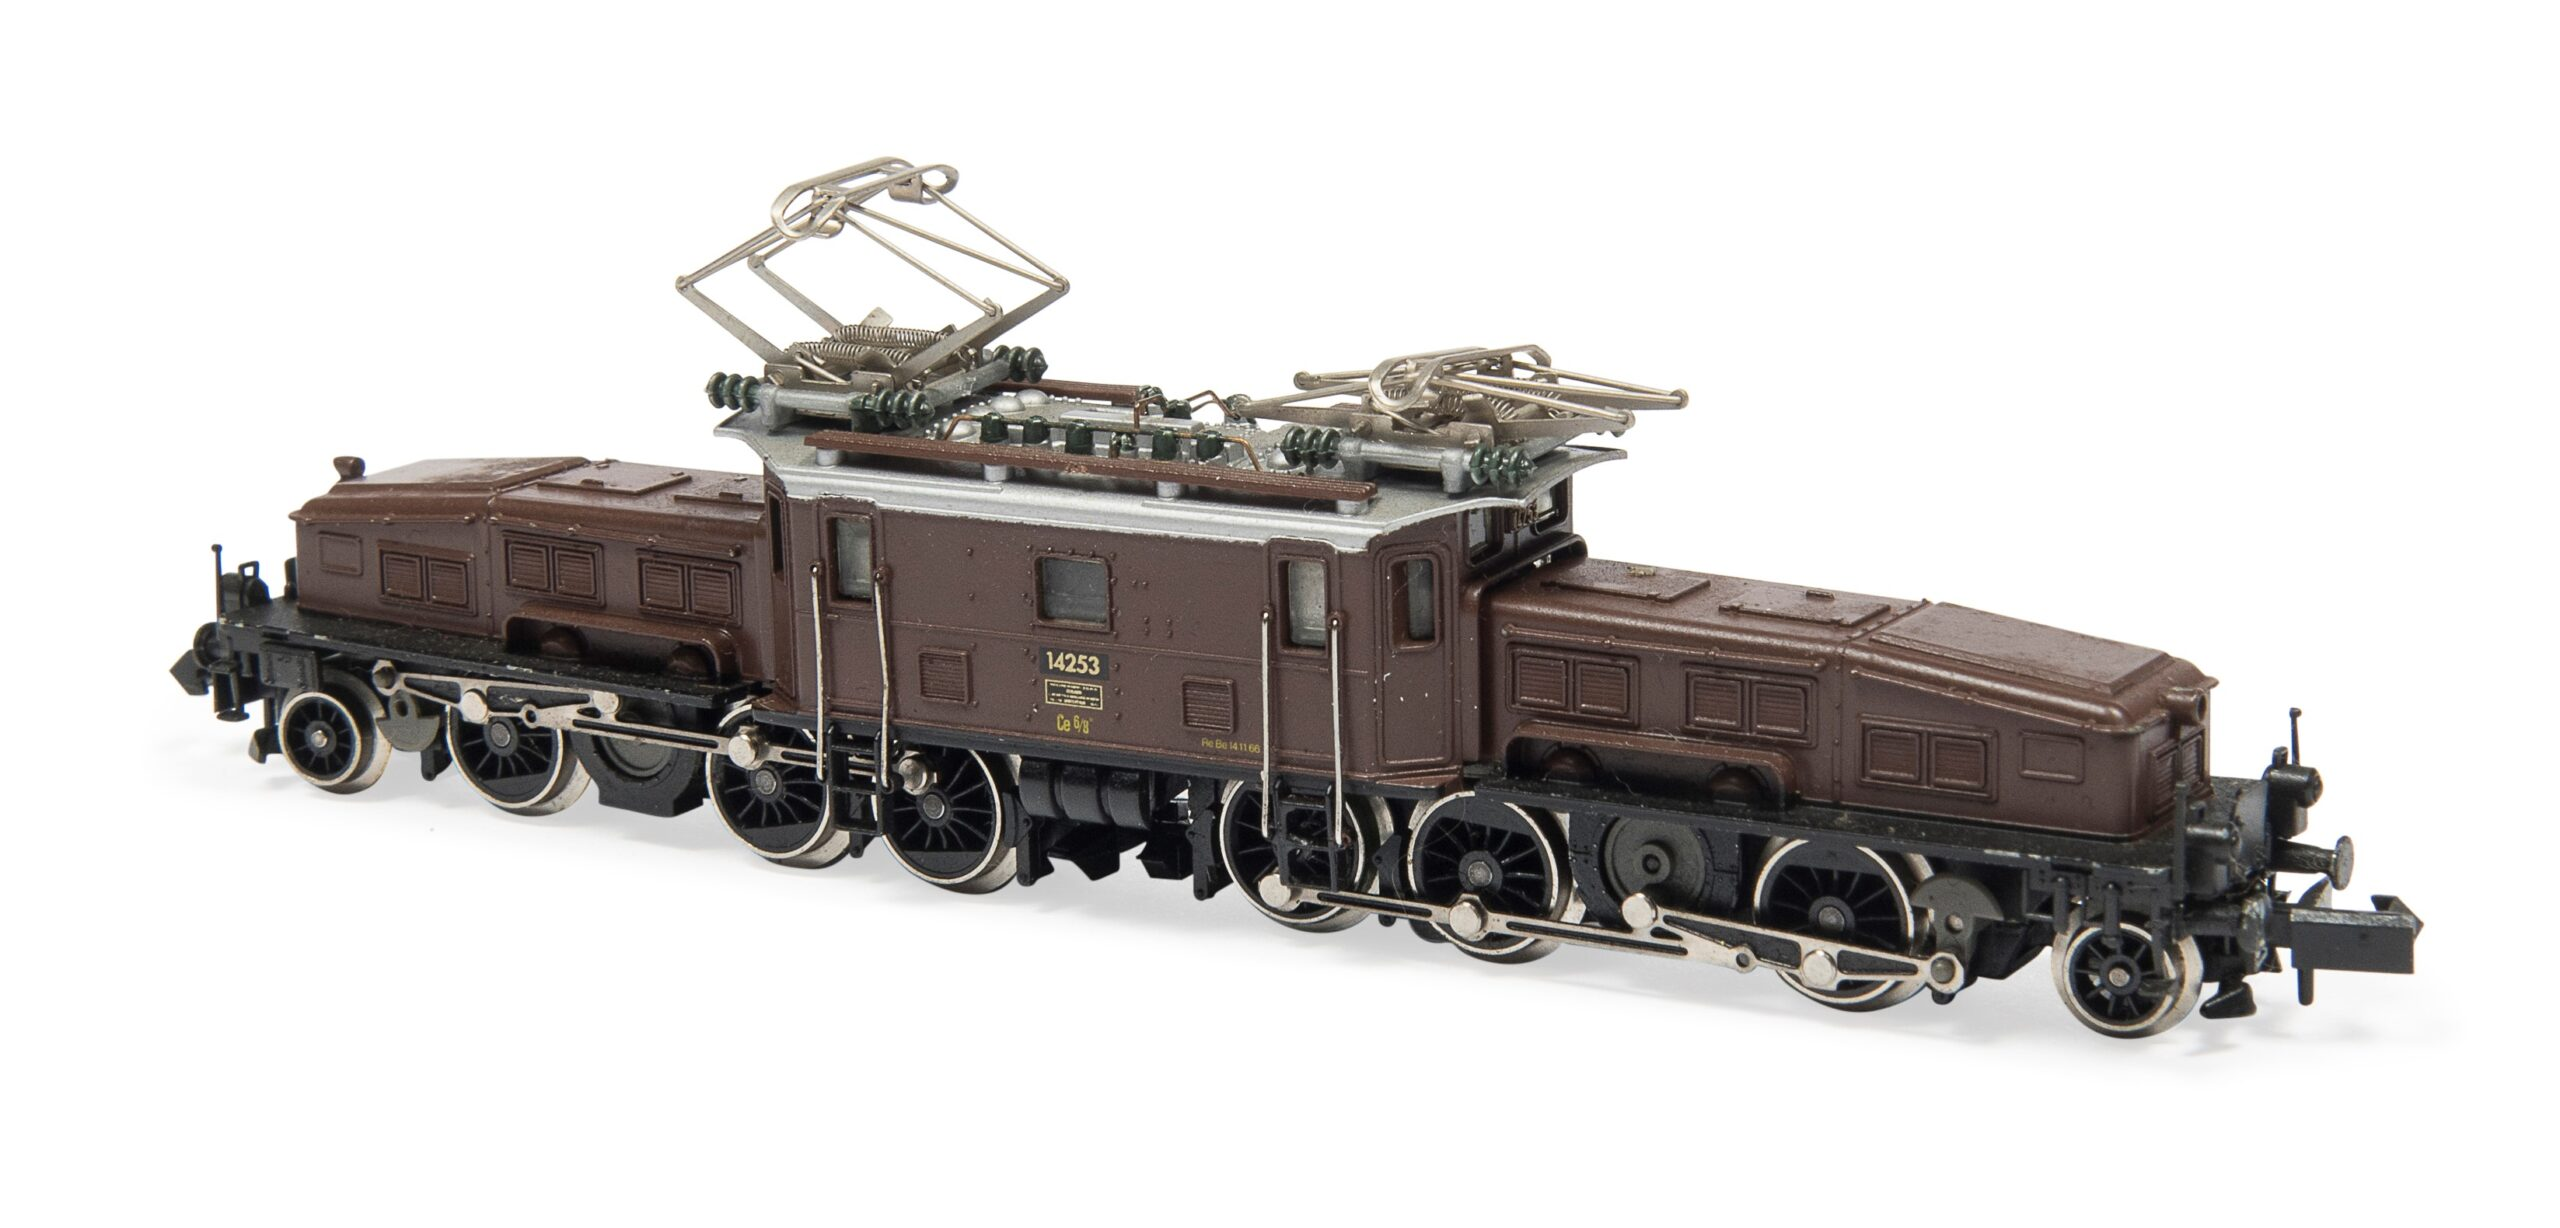 Treni e locomotive per tutti i gusti. Prosegue l'asta di modellismo da Babuino